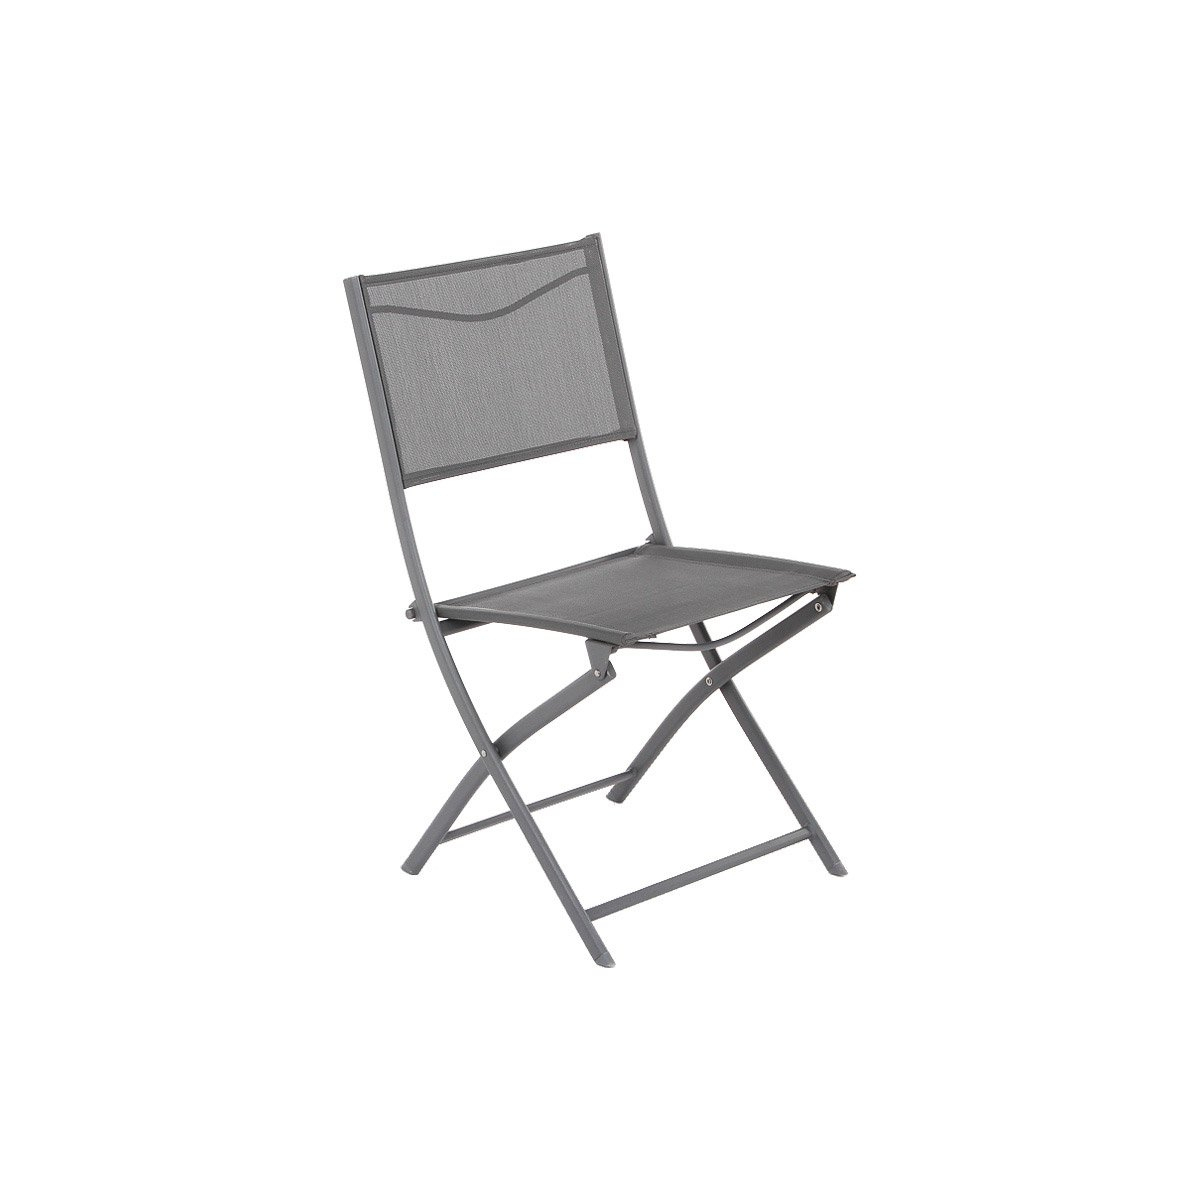 Lot De 2 Chaises Pliantes De Jardin Trinidad Coloris Gris 2 intérieur Chaise De Jardin Hesperide